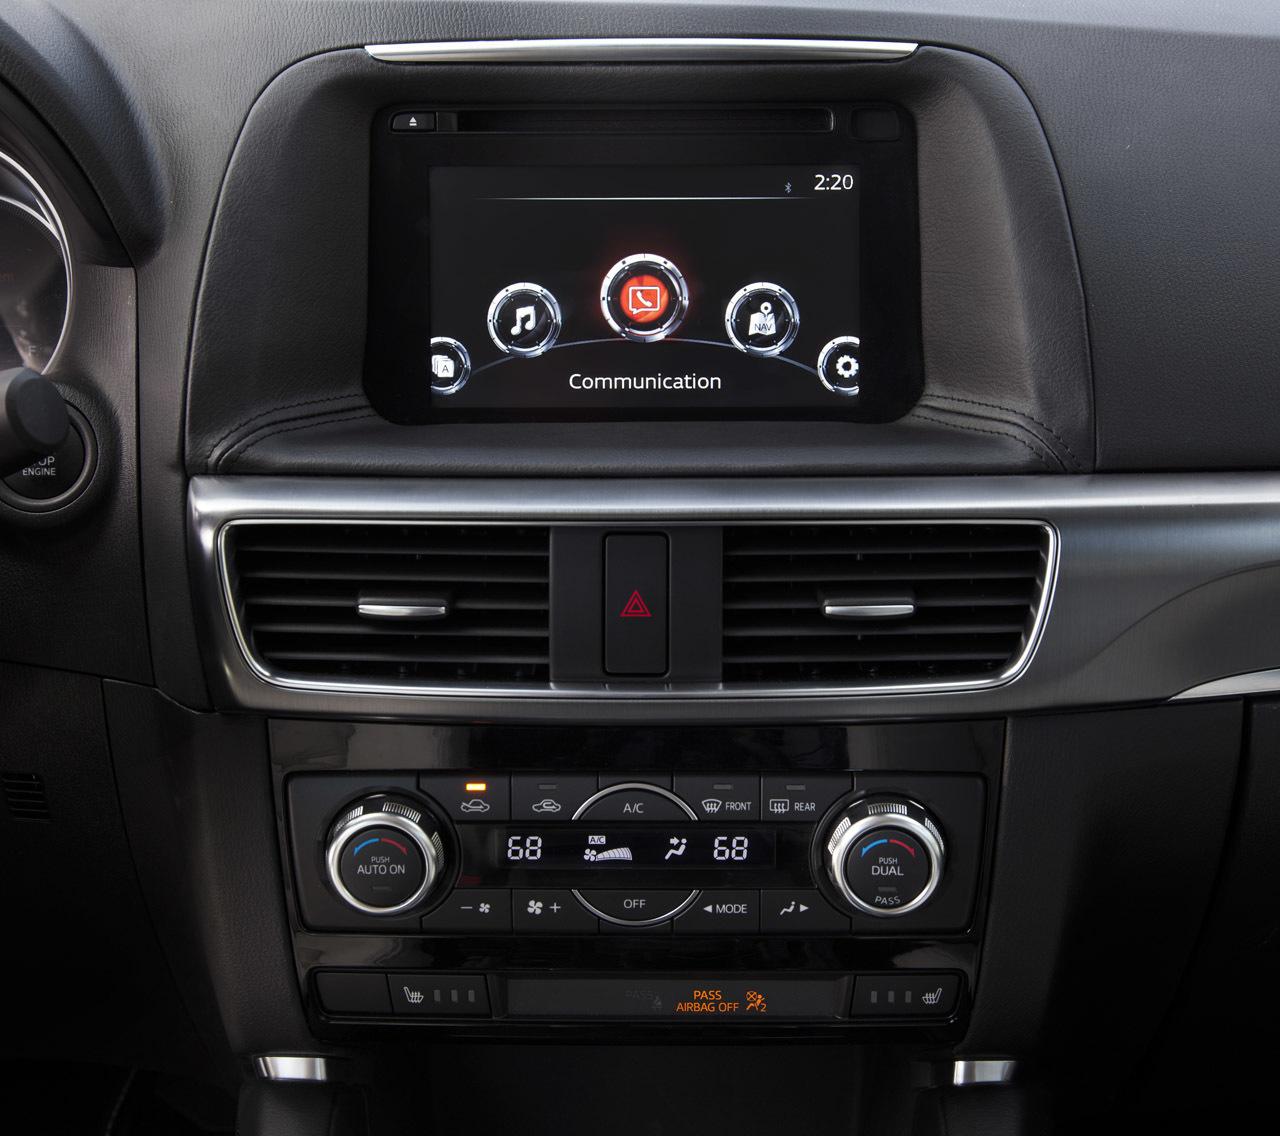 2014 Mazda Cx 5 Interior: Mazda CX-5 2015: Precios, Motores, Equipamientos